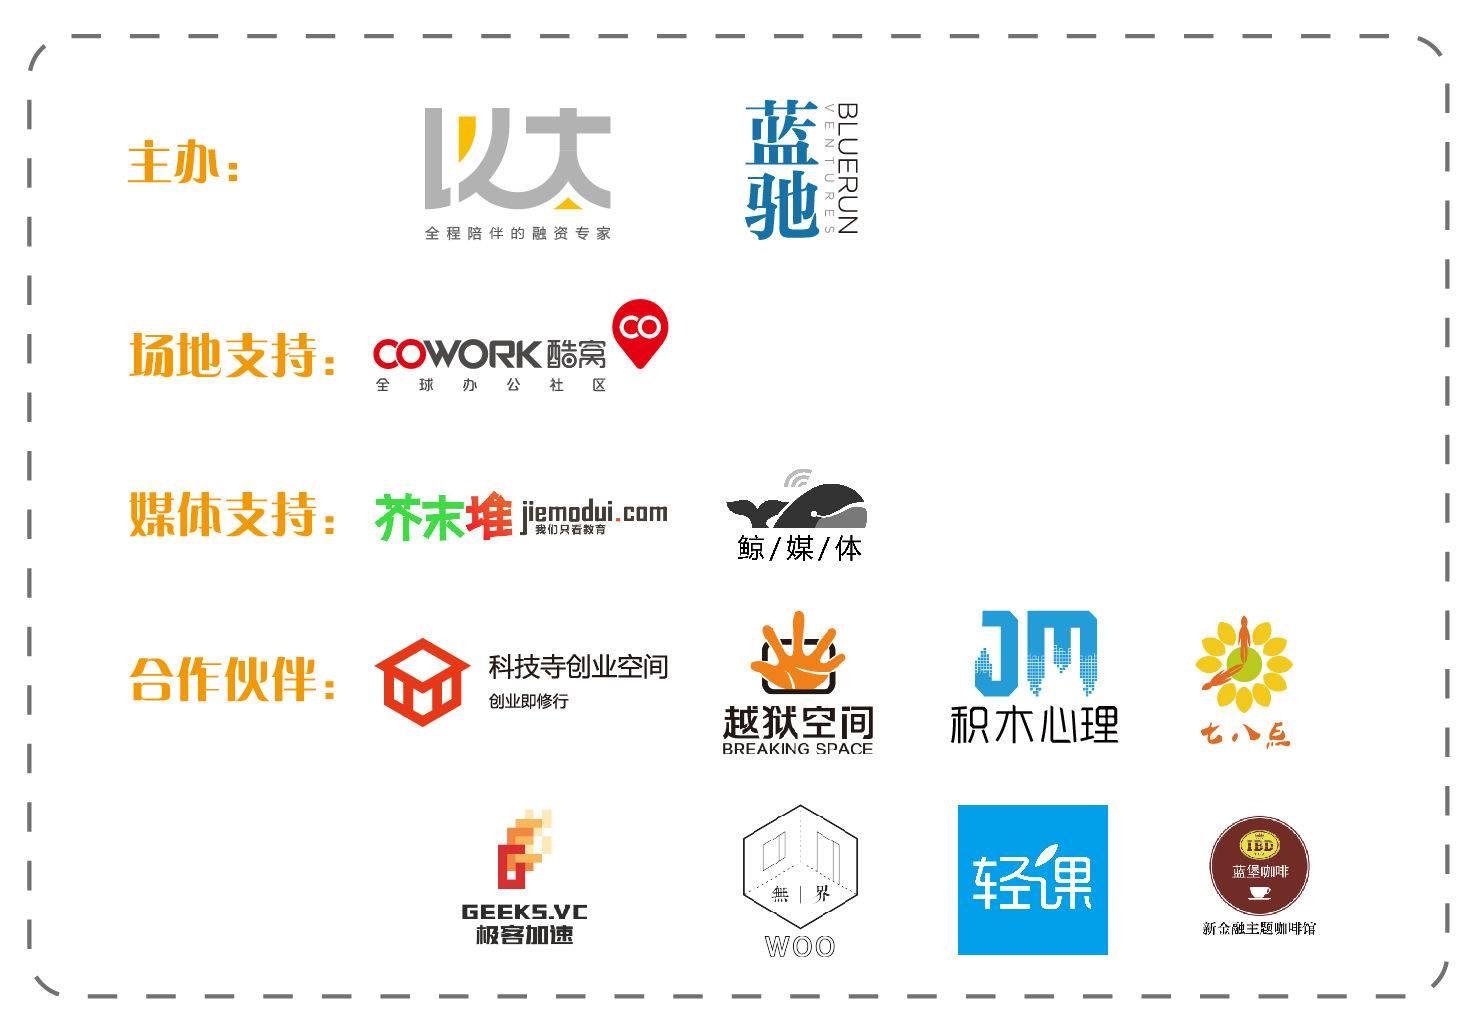 微信-合作logo-01.jpg